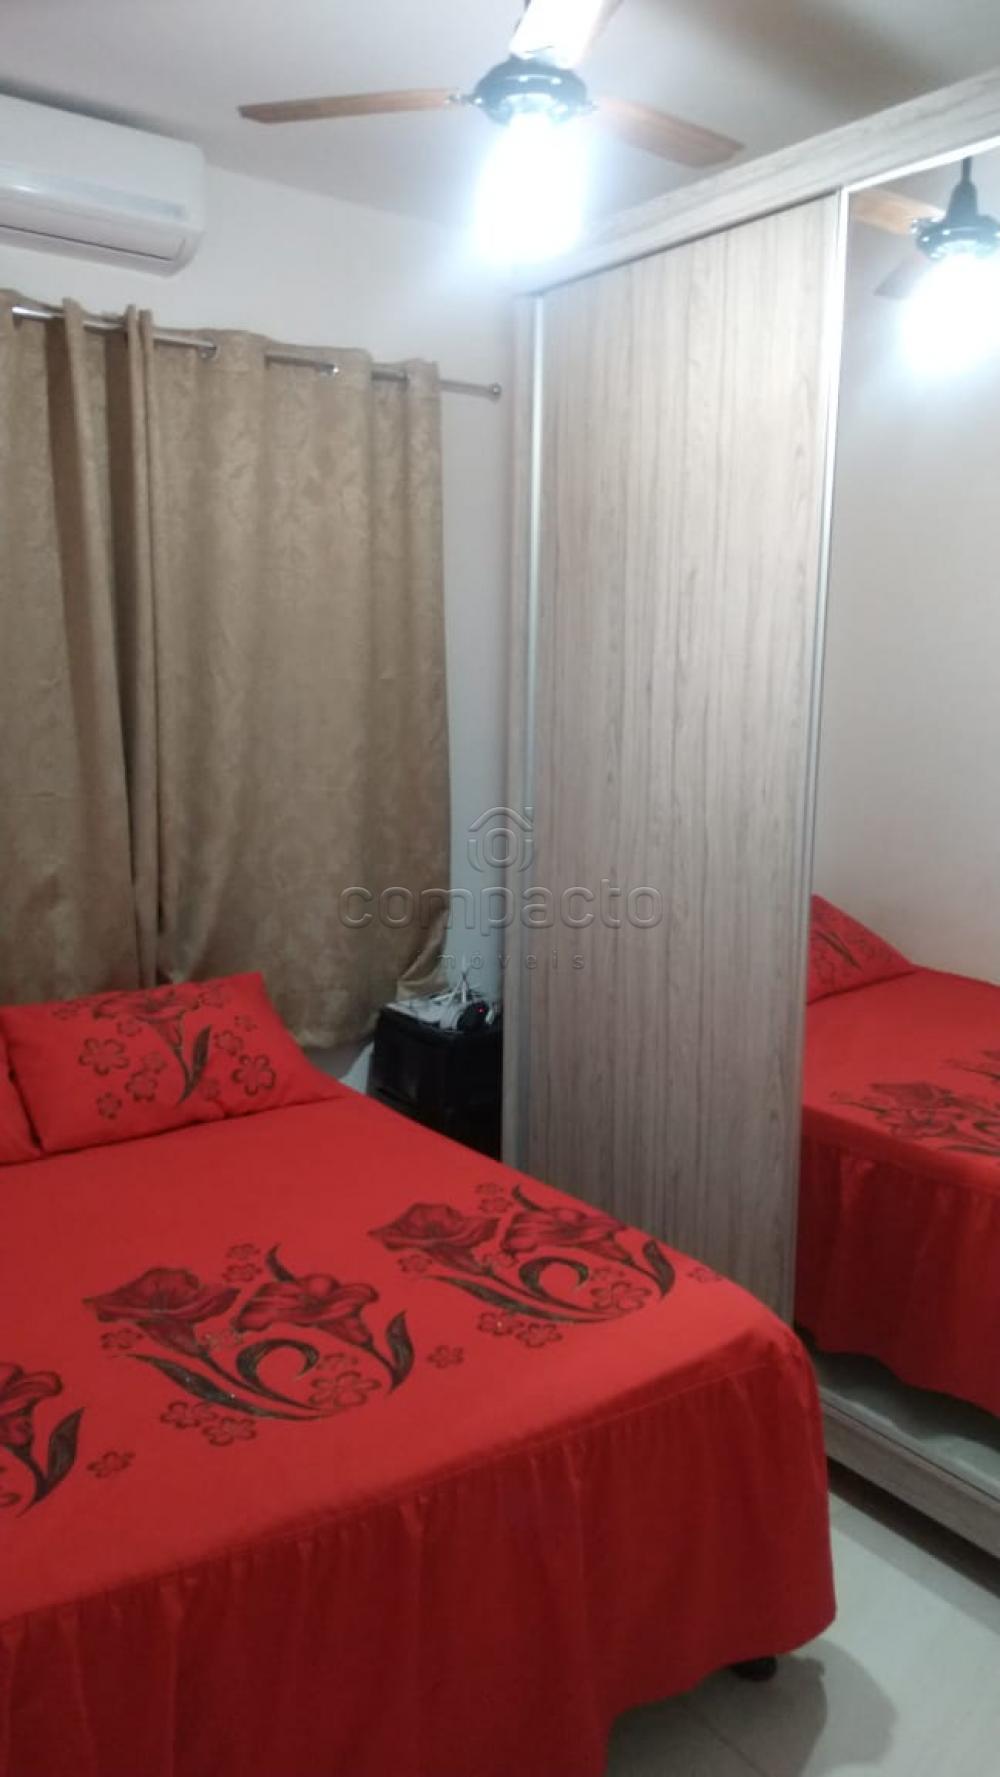 Comprar Casa / Condomínio em São José do Rio Preto apenas R$ 180.000,00 - Foto 12